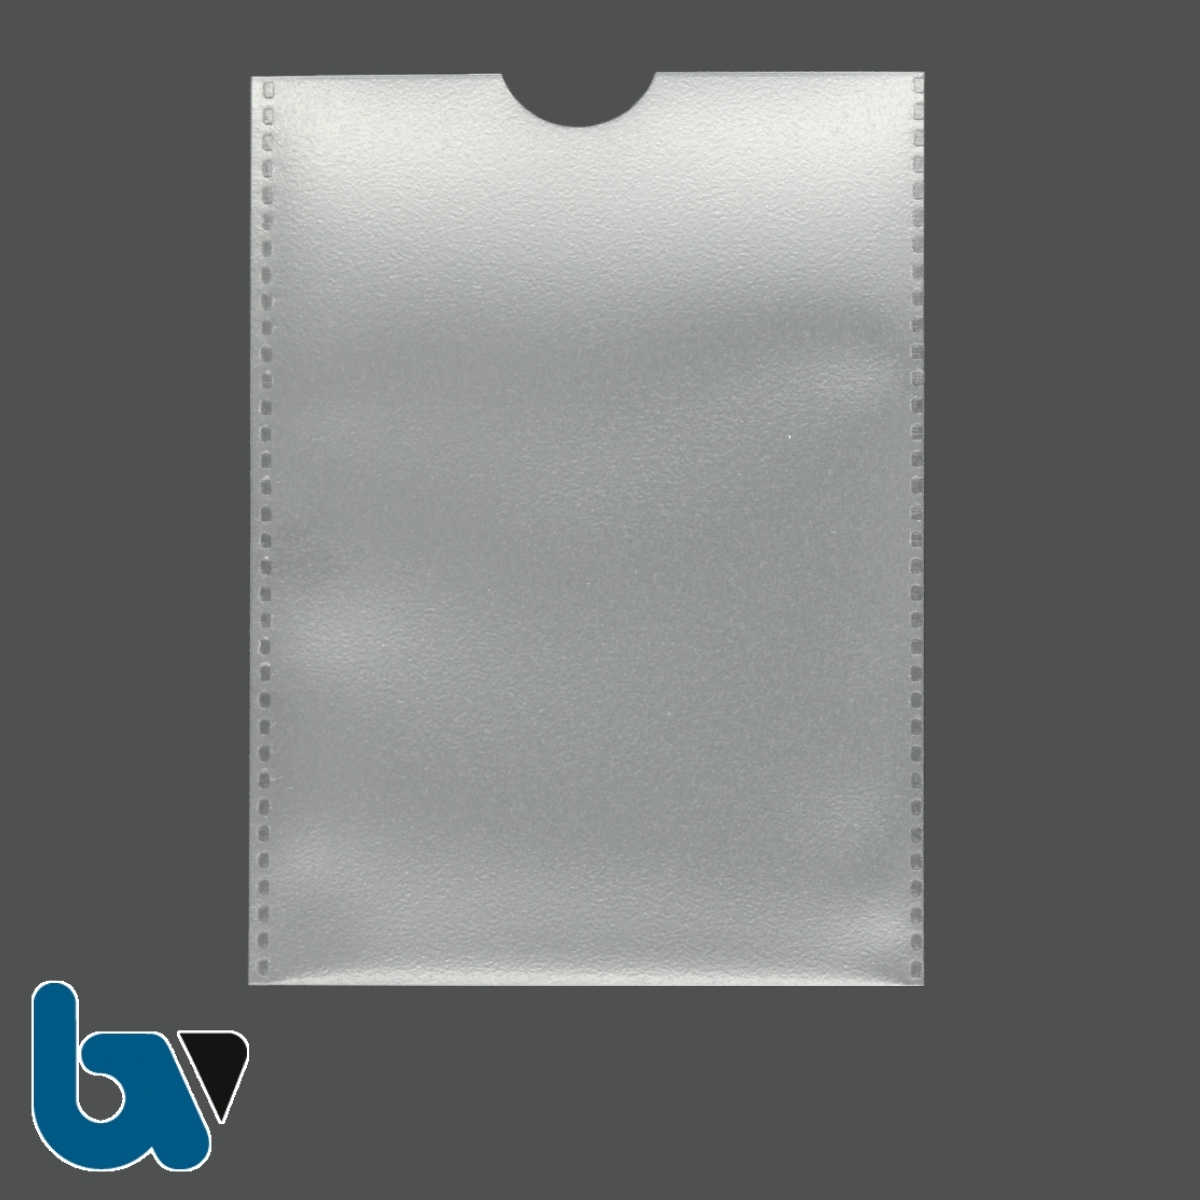 4786 Schutzhülle Sichthülle Dokument Ausweis DIN A7 Bild 1 | Borgard Verlag GmbH